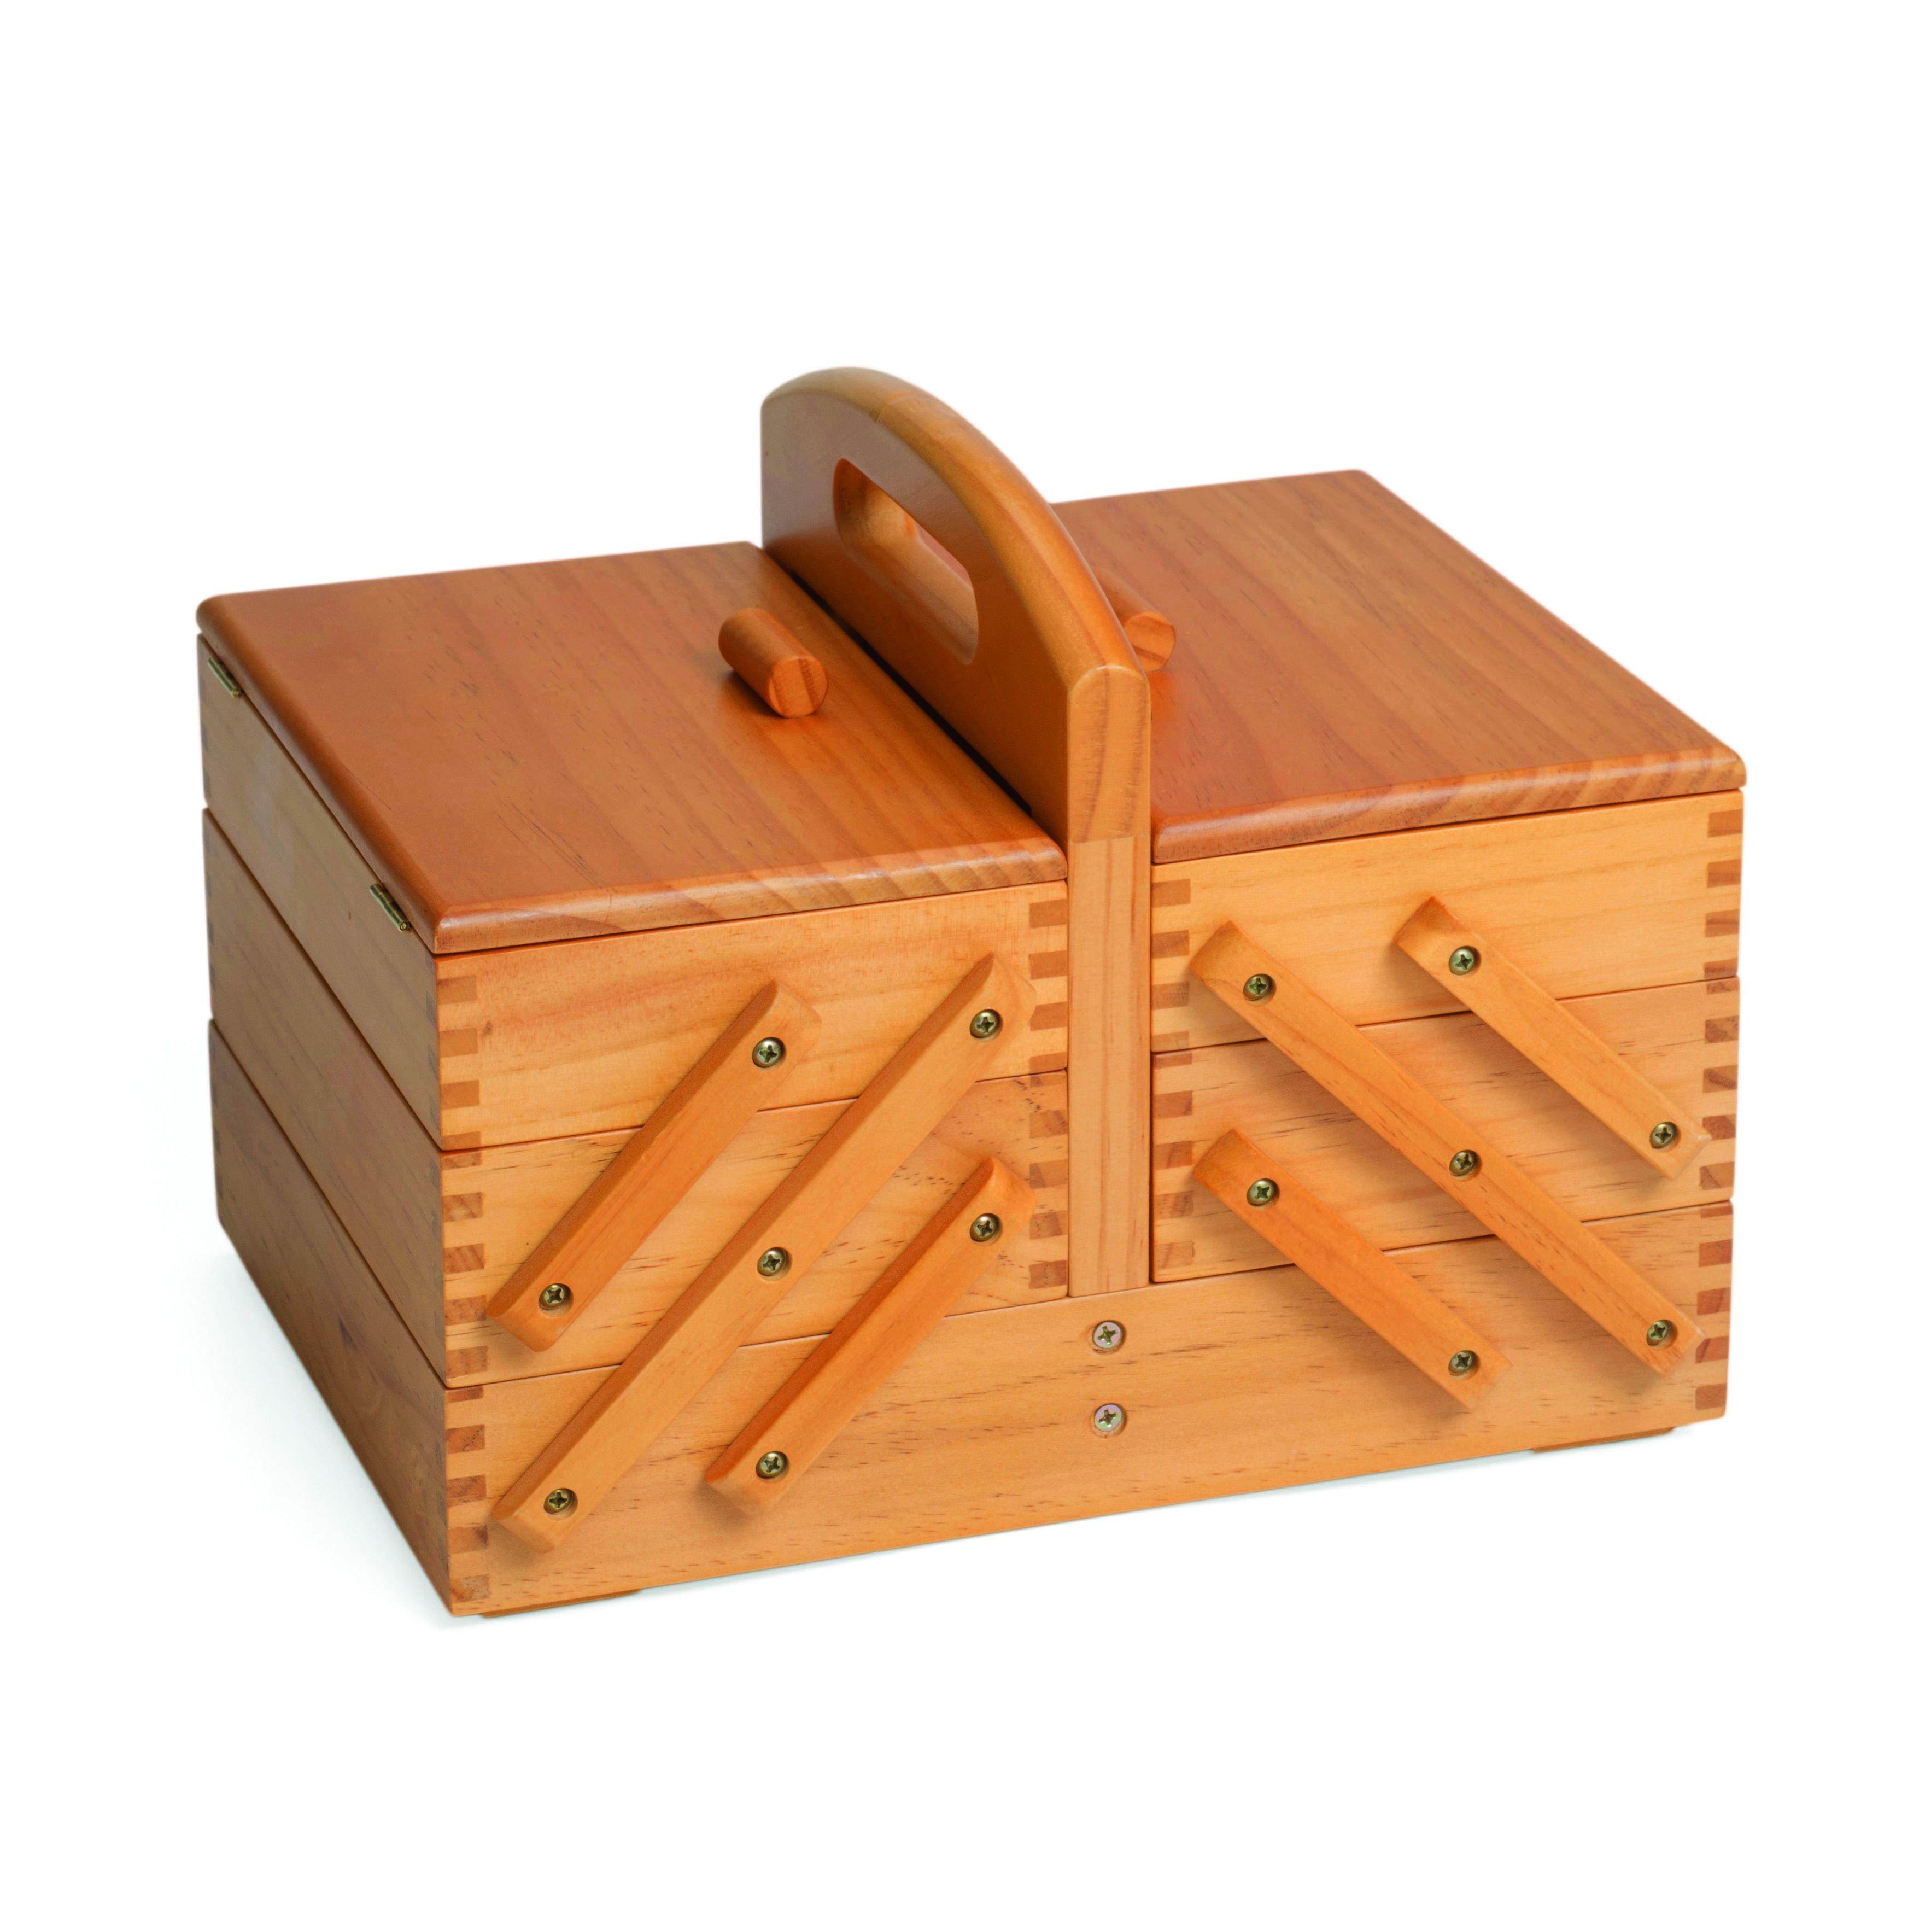 kazeta na šití dřevěná 31x23x24cm